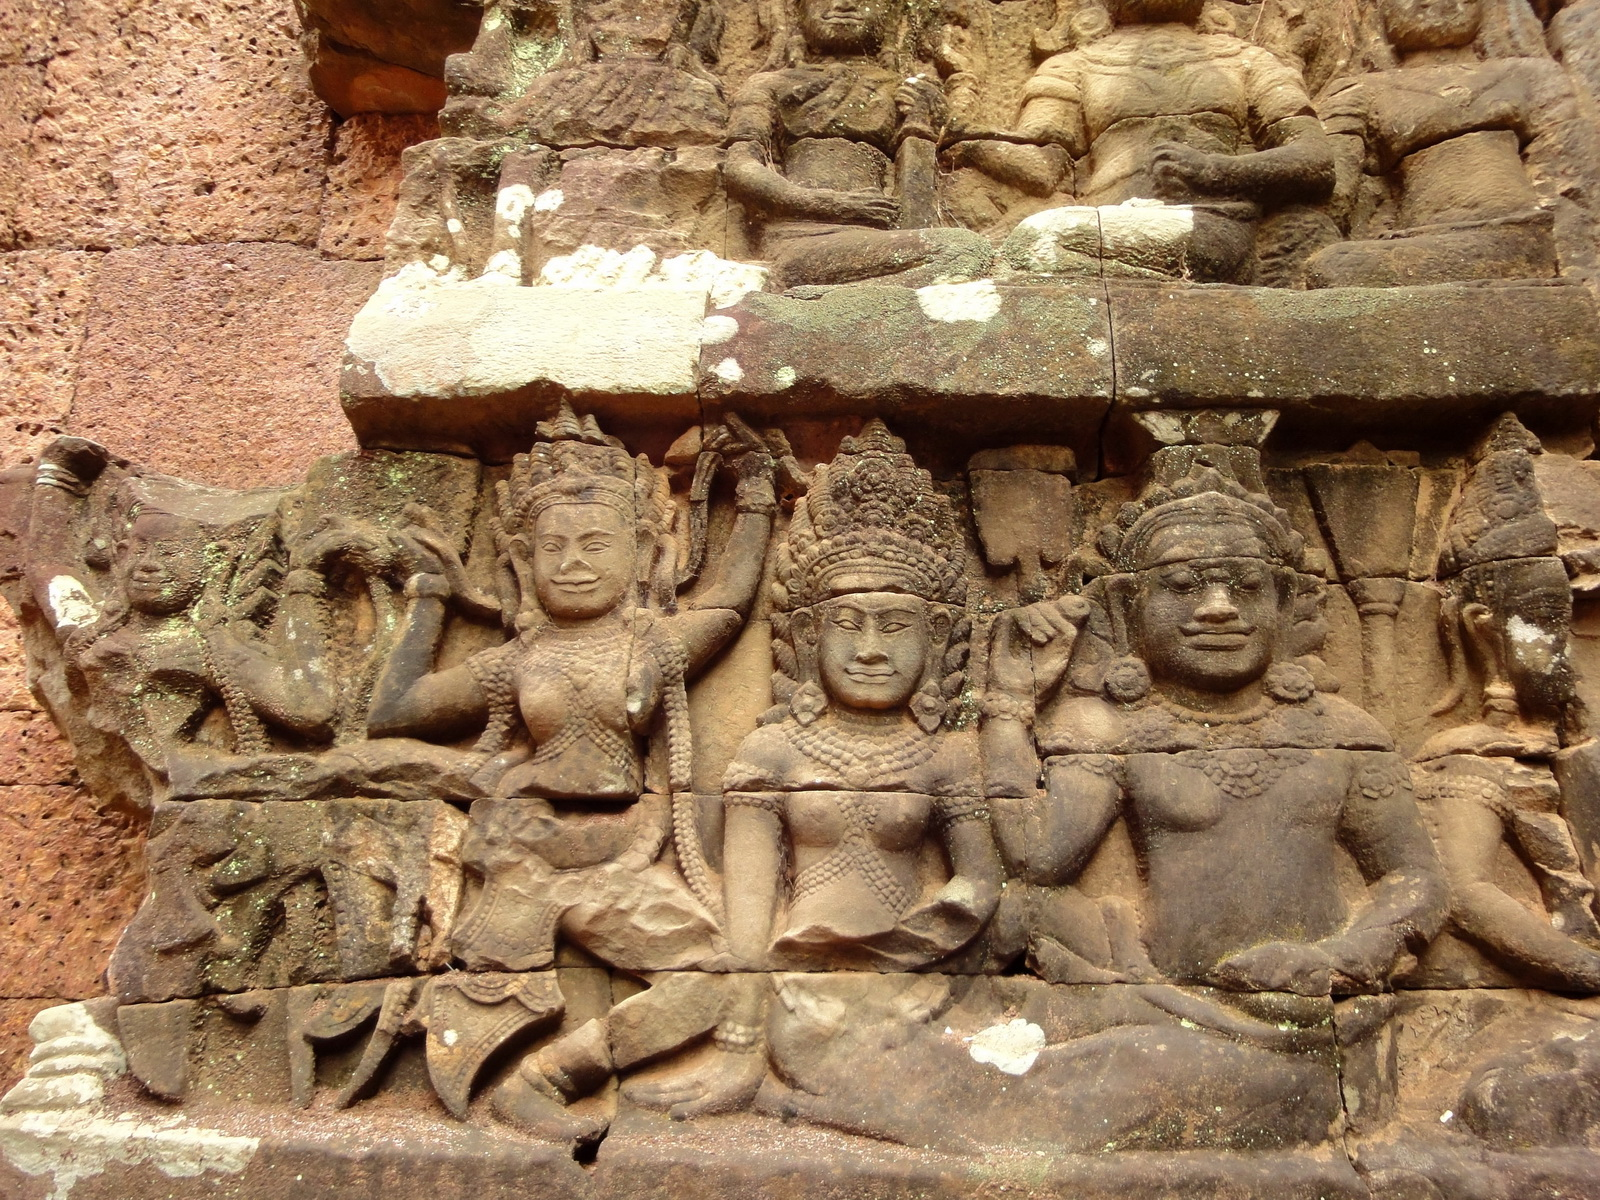 Leper King Terrace hidden wall underworld Nagas and deities 016